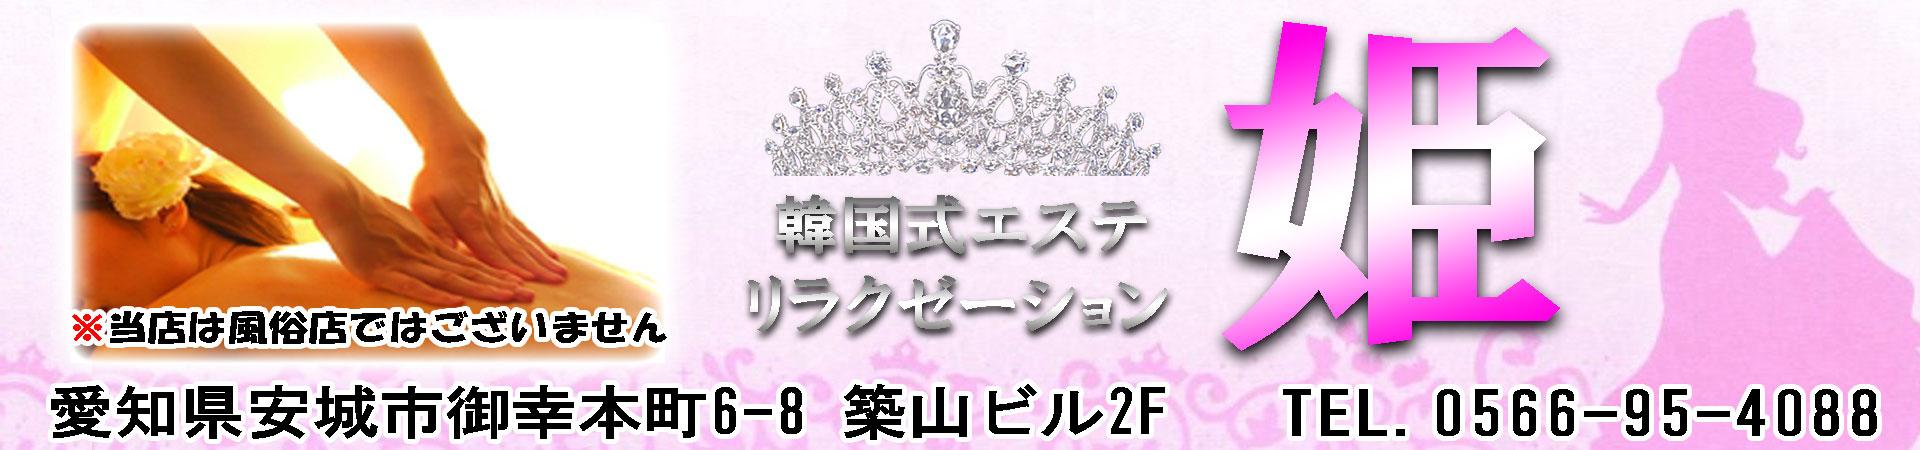 【姫】安城/愛知